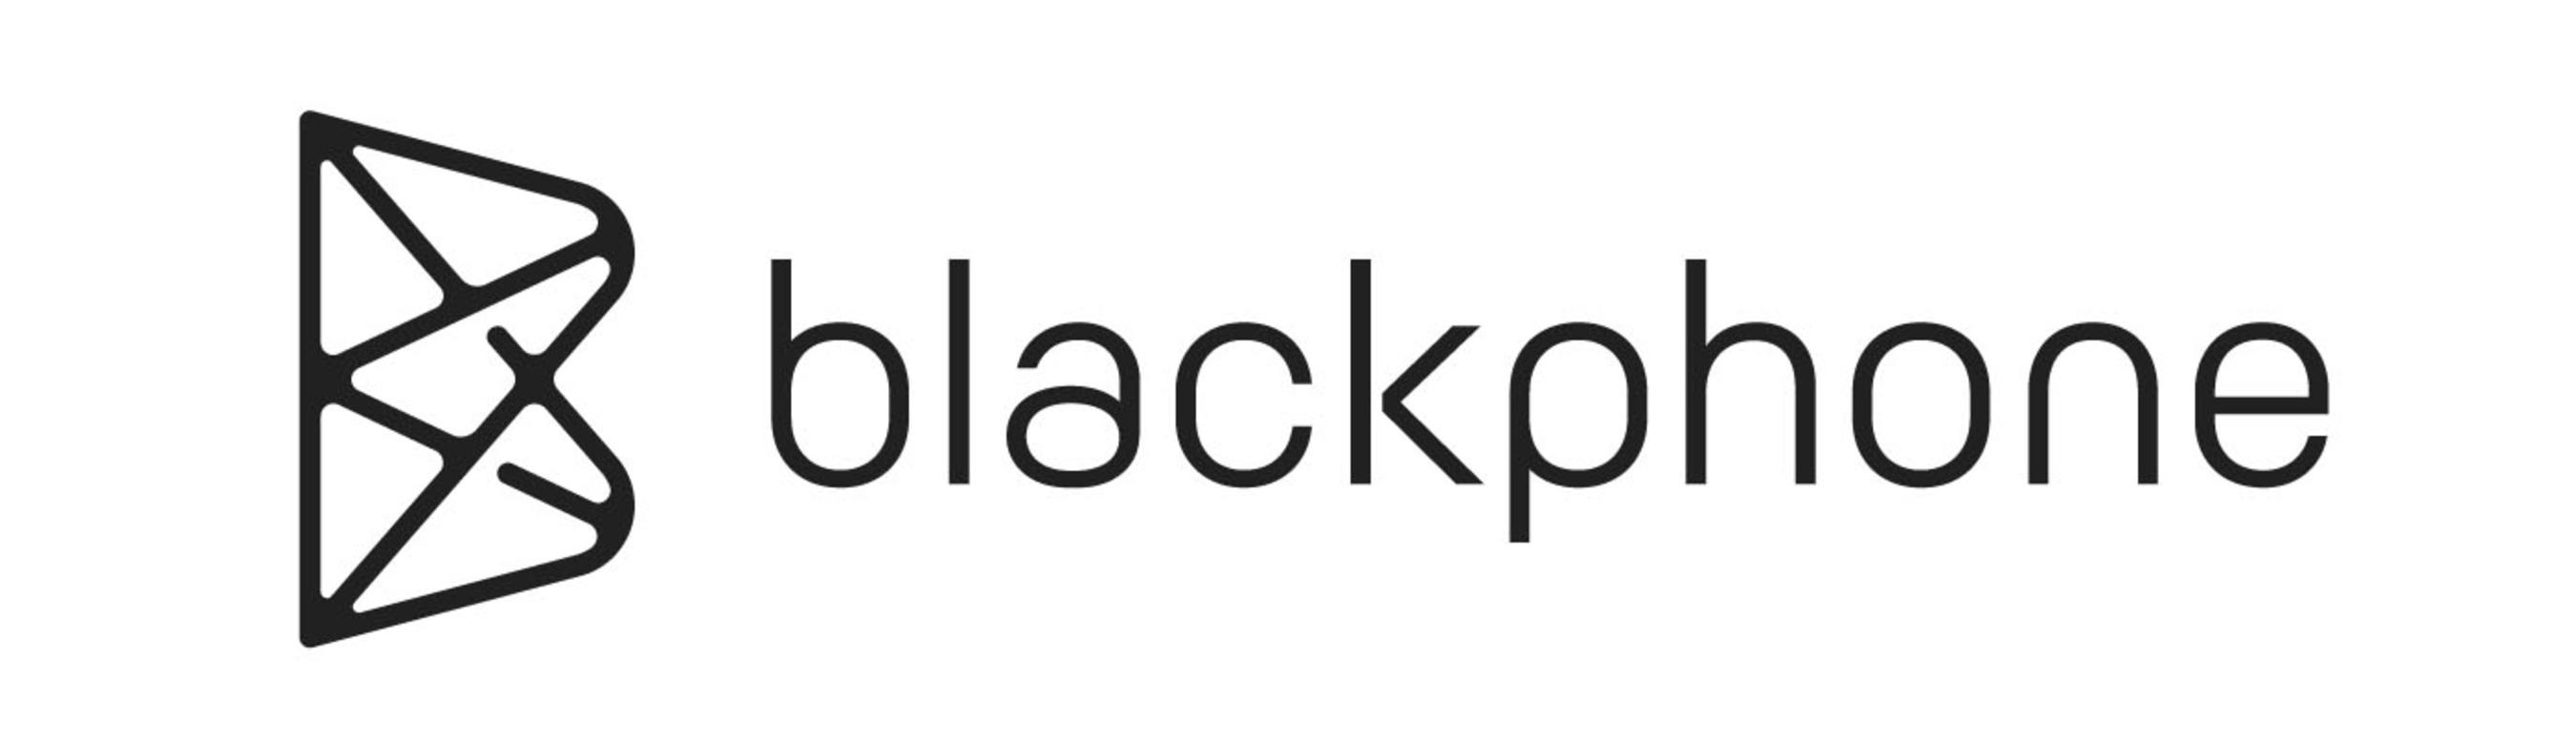 Le nouveau PrivatOS de Blackphone optimise la confidentialité des utilisateurs tout en proposant un